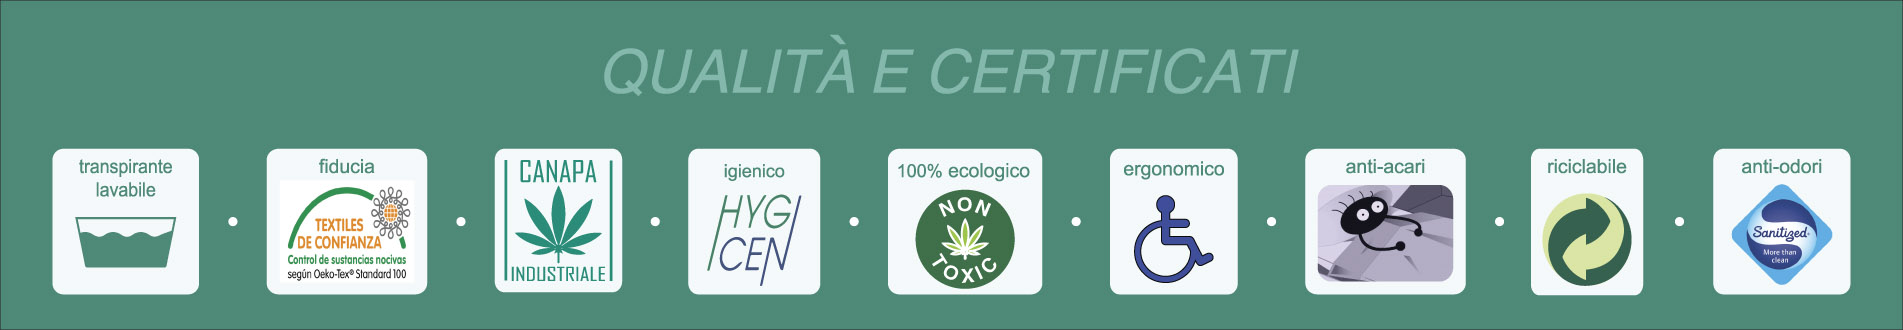 qualità e certificati cannarelax